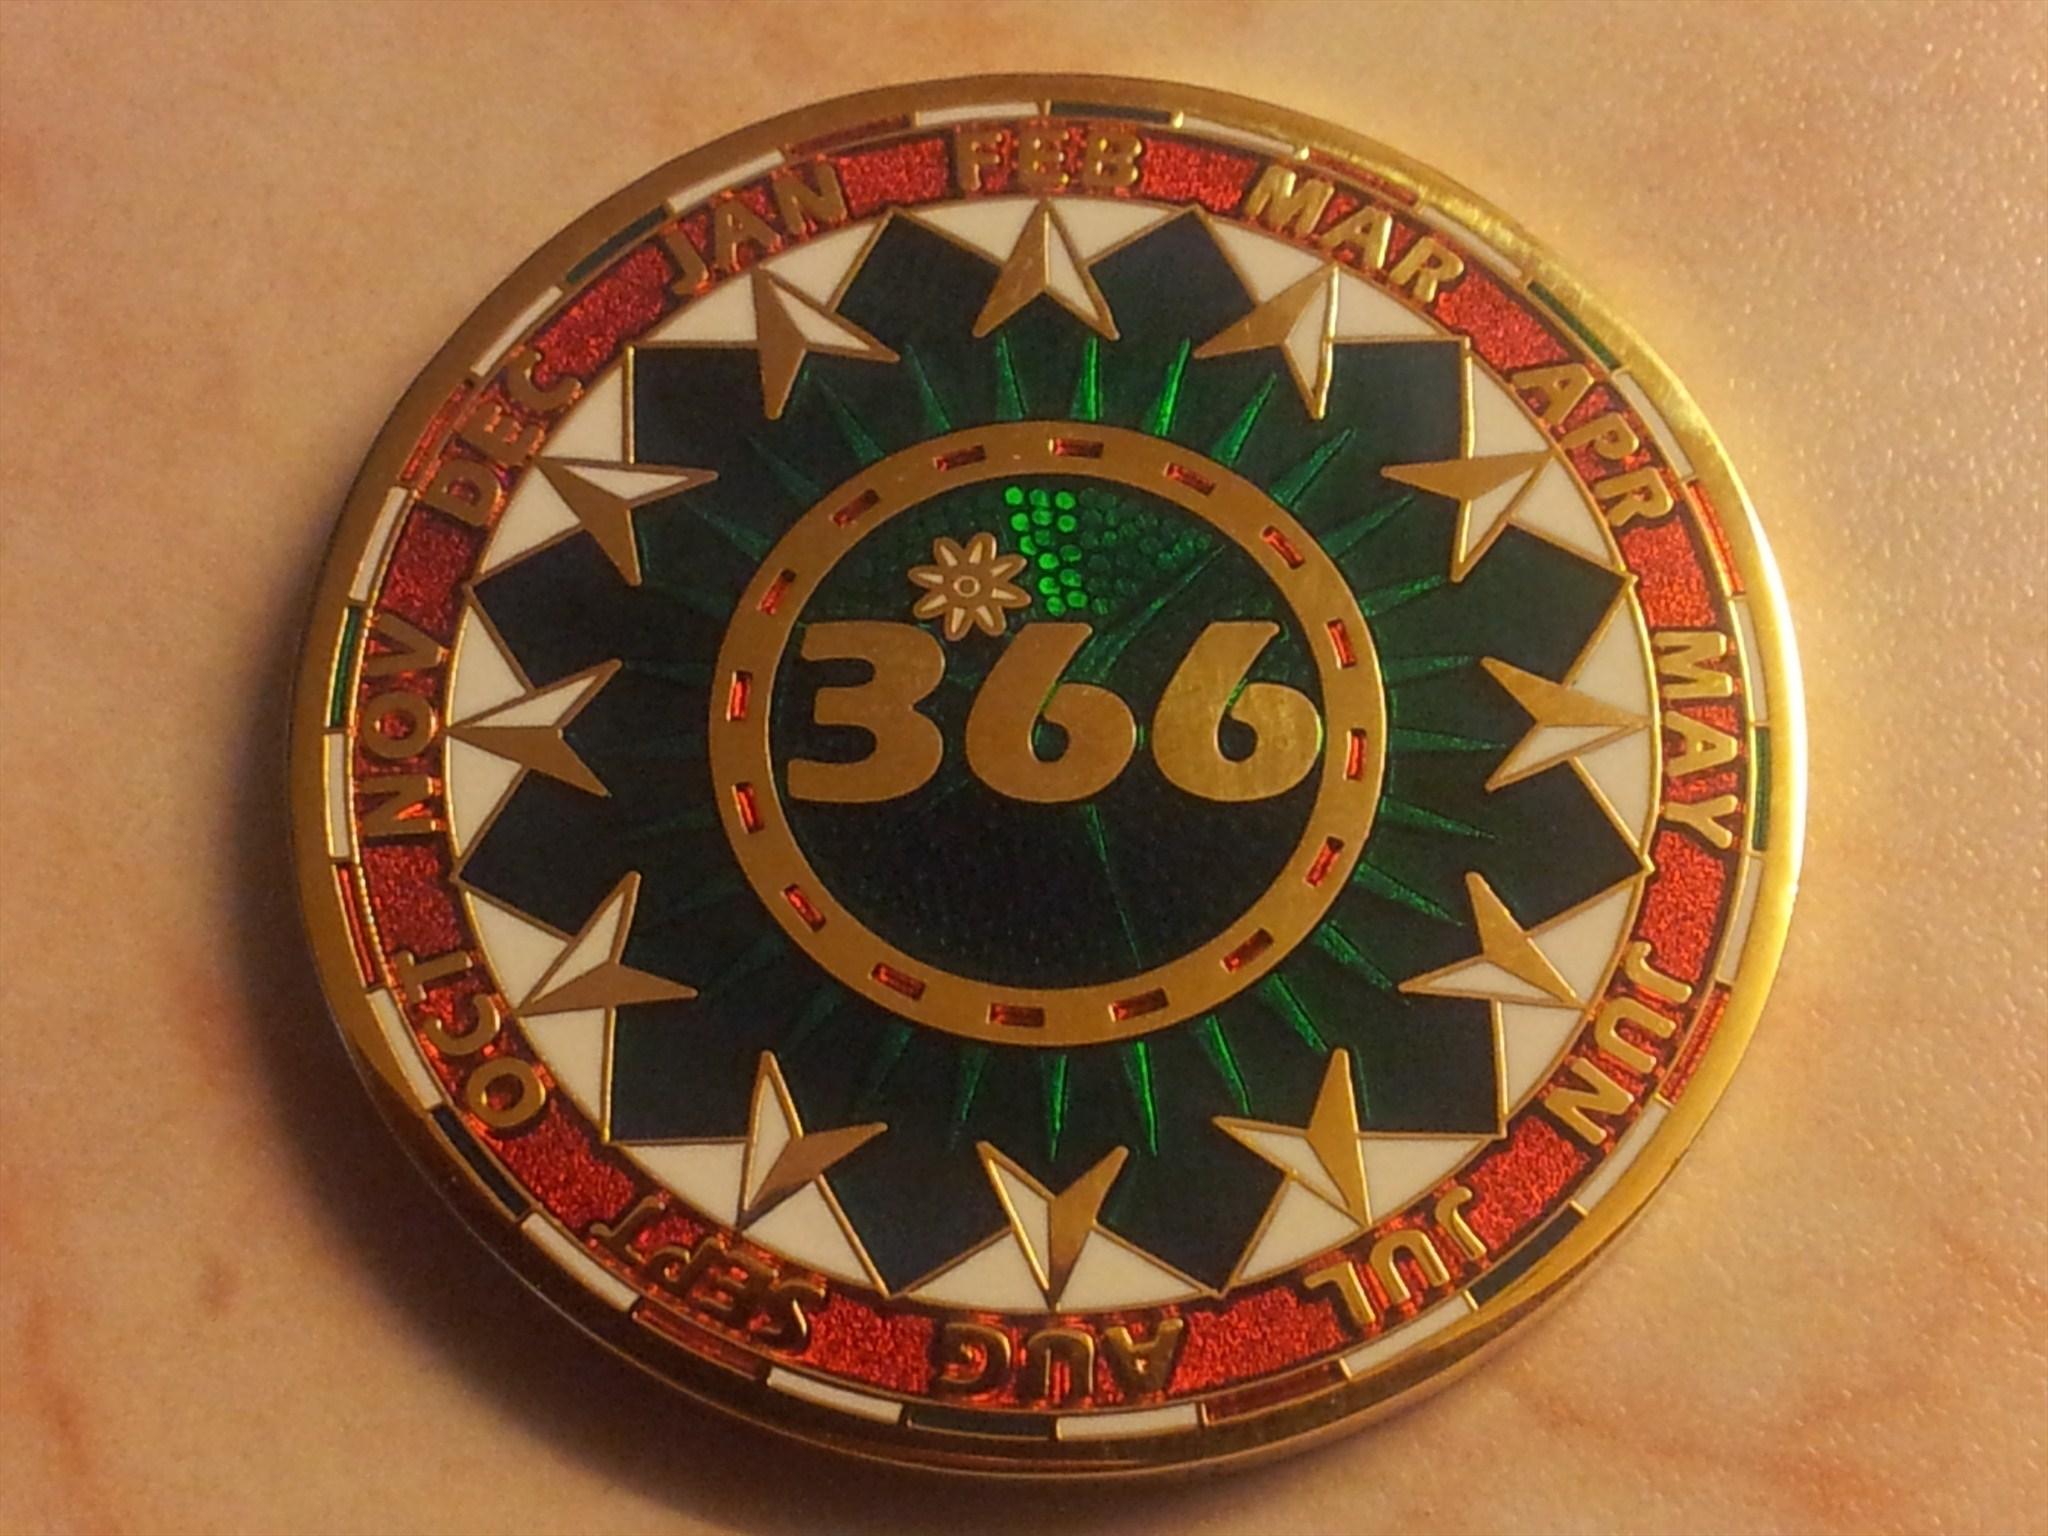 f33af126-f88b-4808-b61a-fc209bd24aaf.jpg?rnd=0.8048016